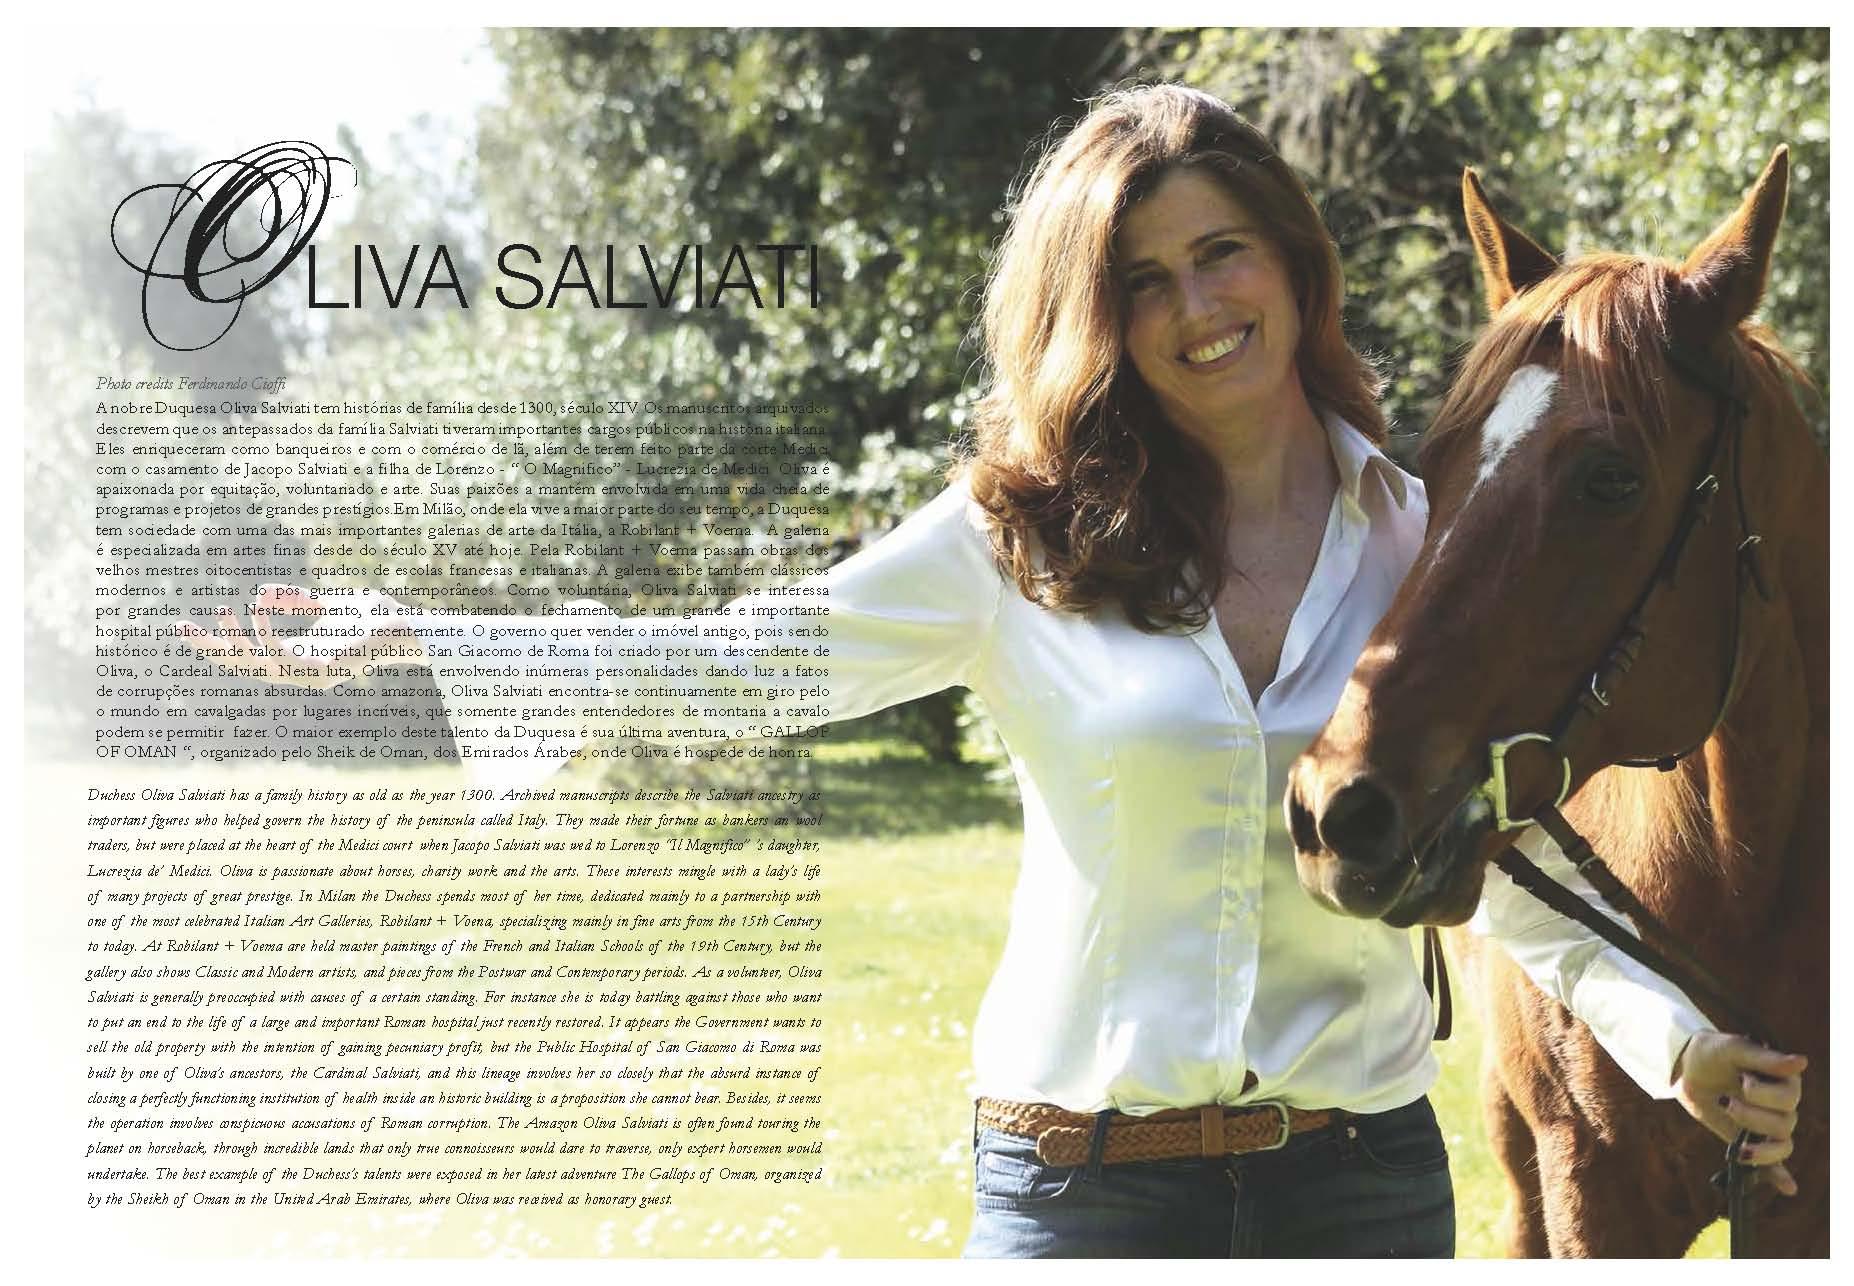 27 Stars Magazine (Brazil)